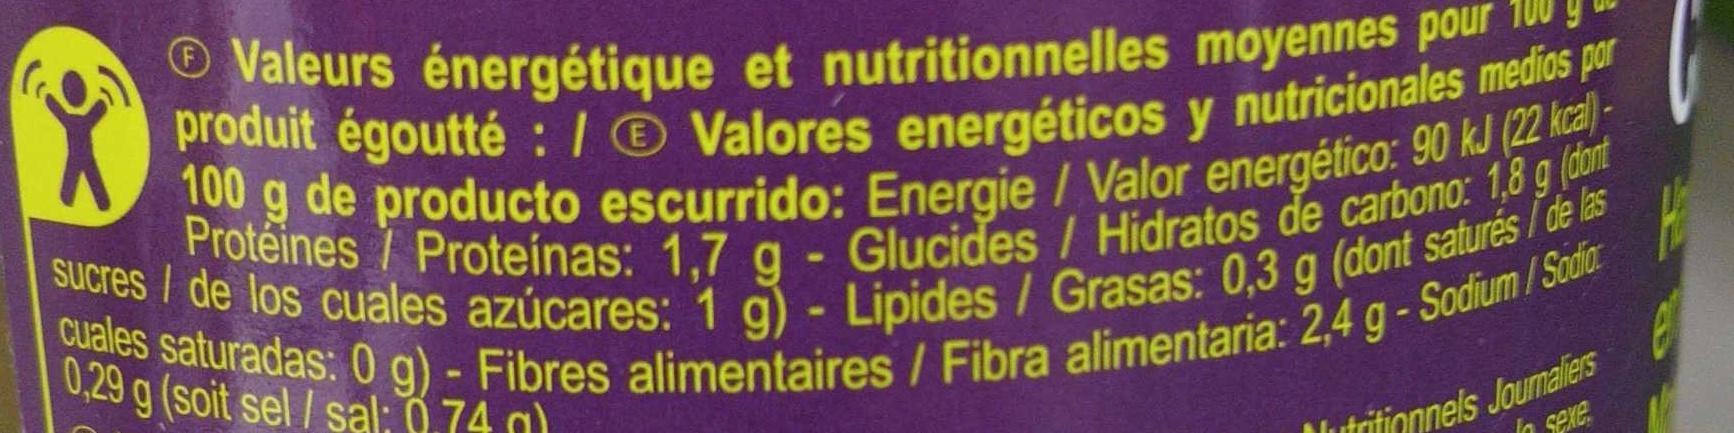 Haricots verts en fagots - Informations nutritionnelles